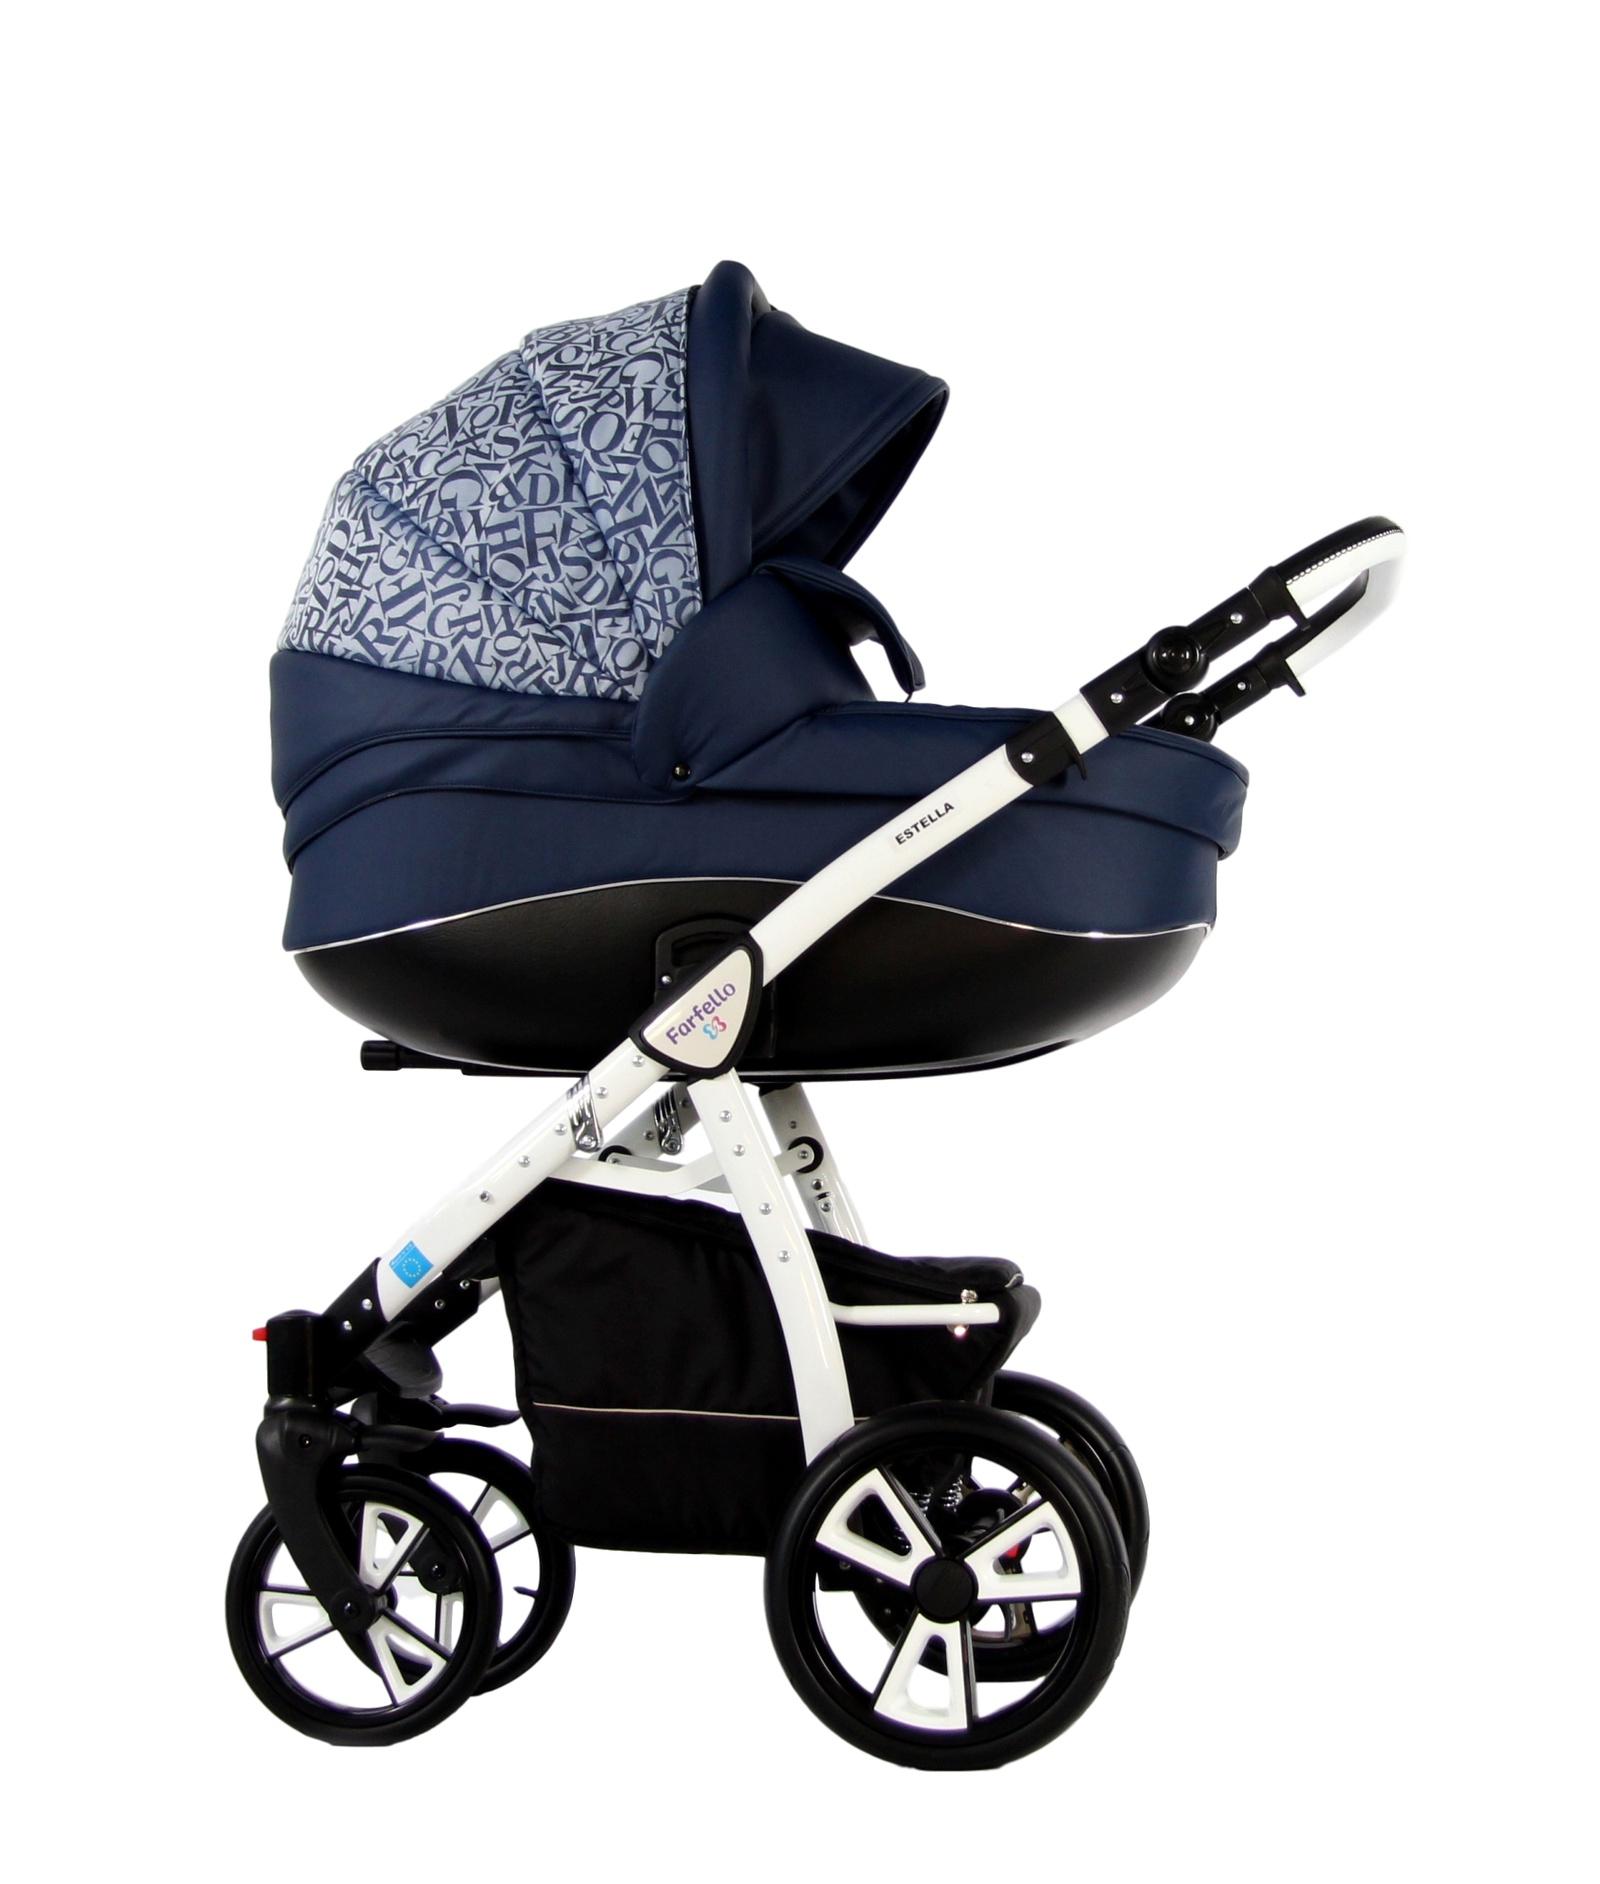 Коляска-люлька Farfello ESTELLA 2в1 синий коляска модульная vikalex ferrone 2 в 1 leather white vi72301